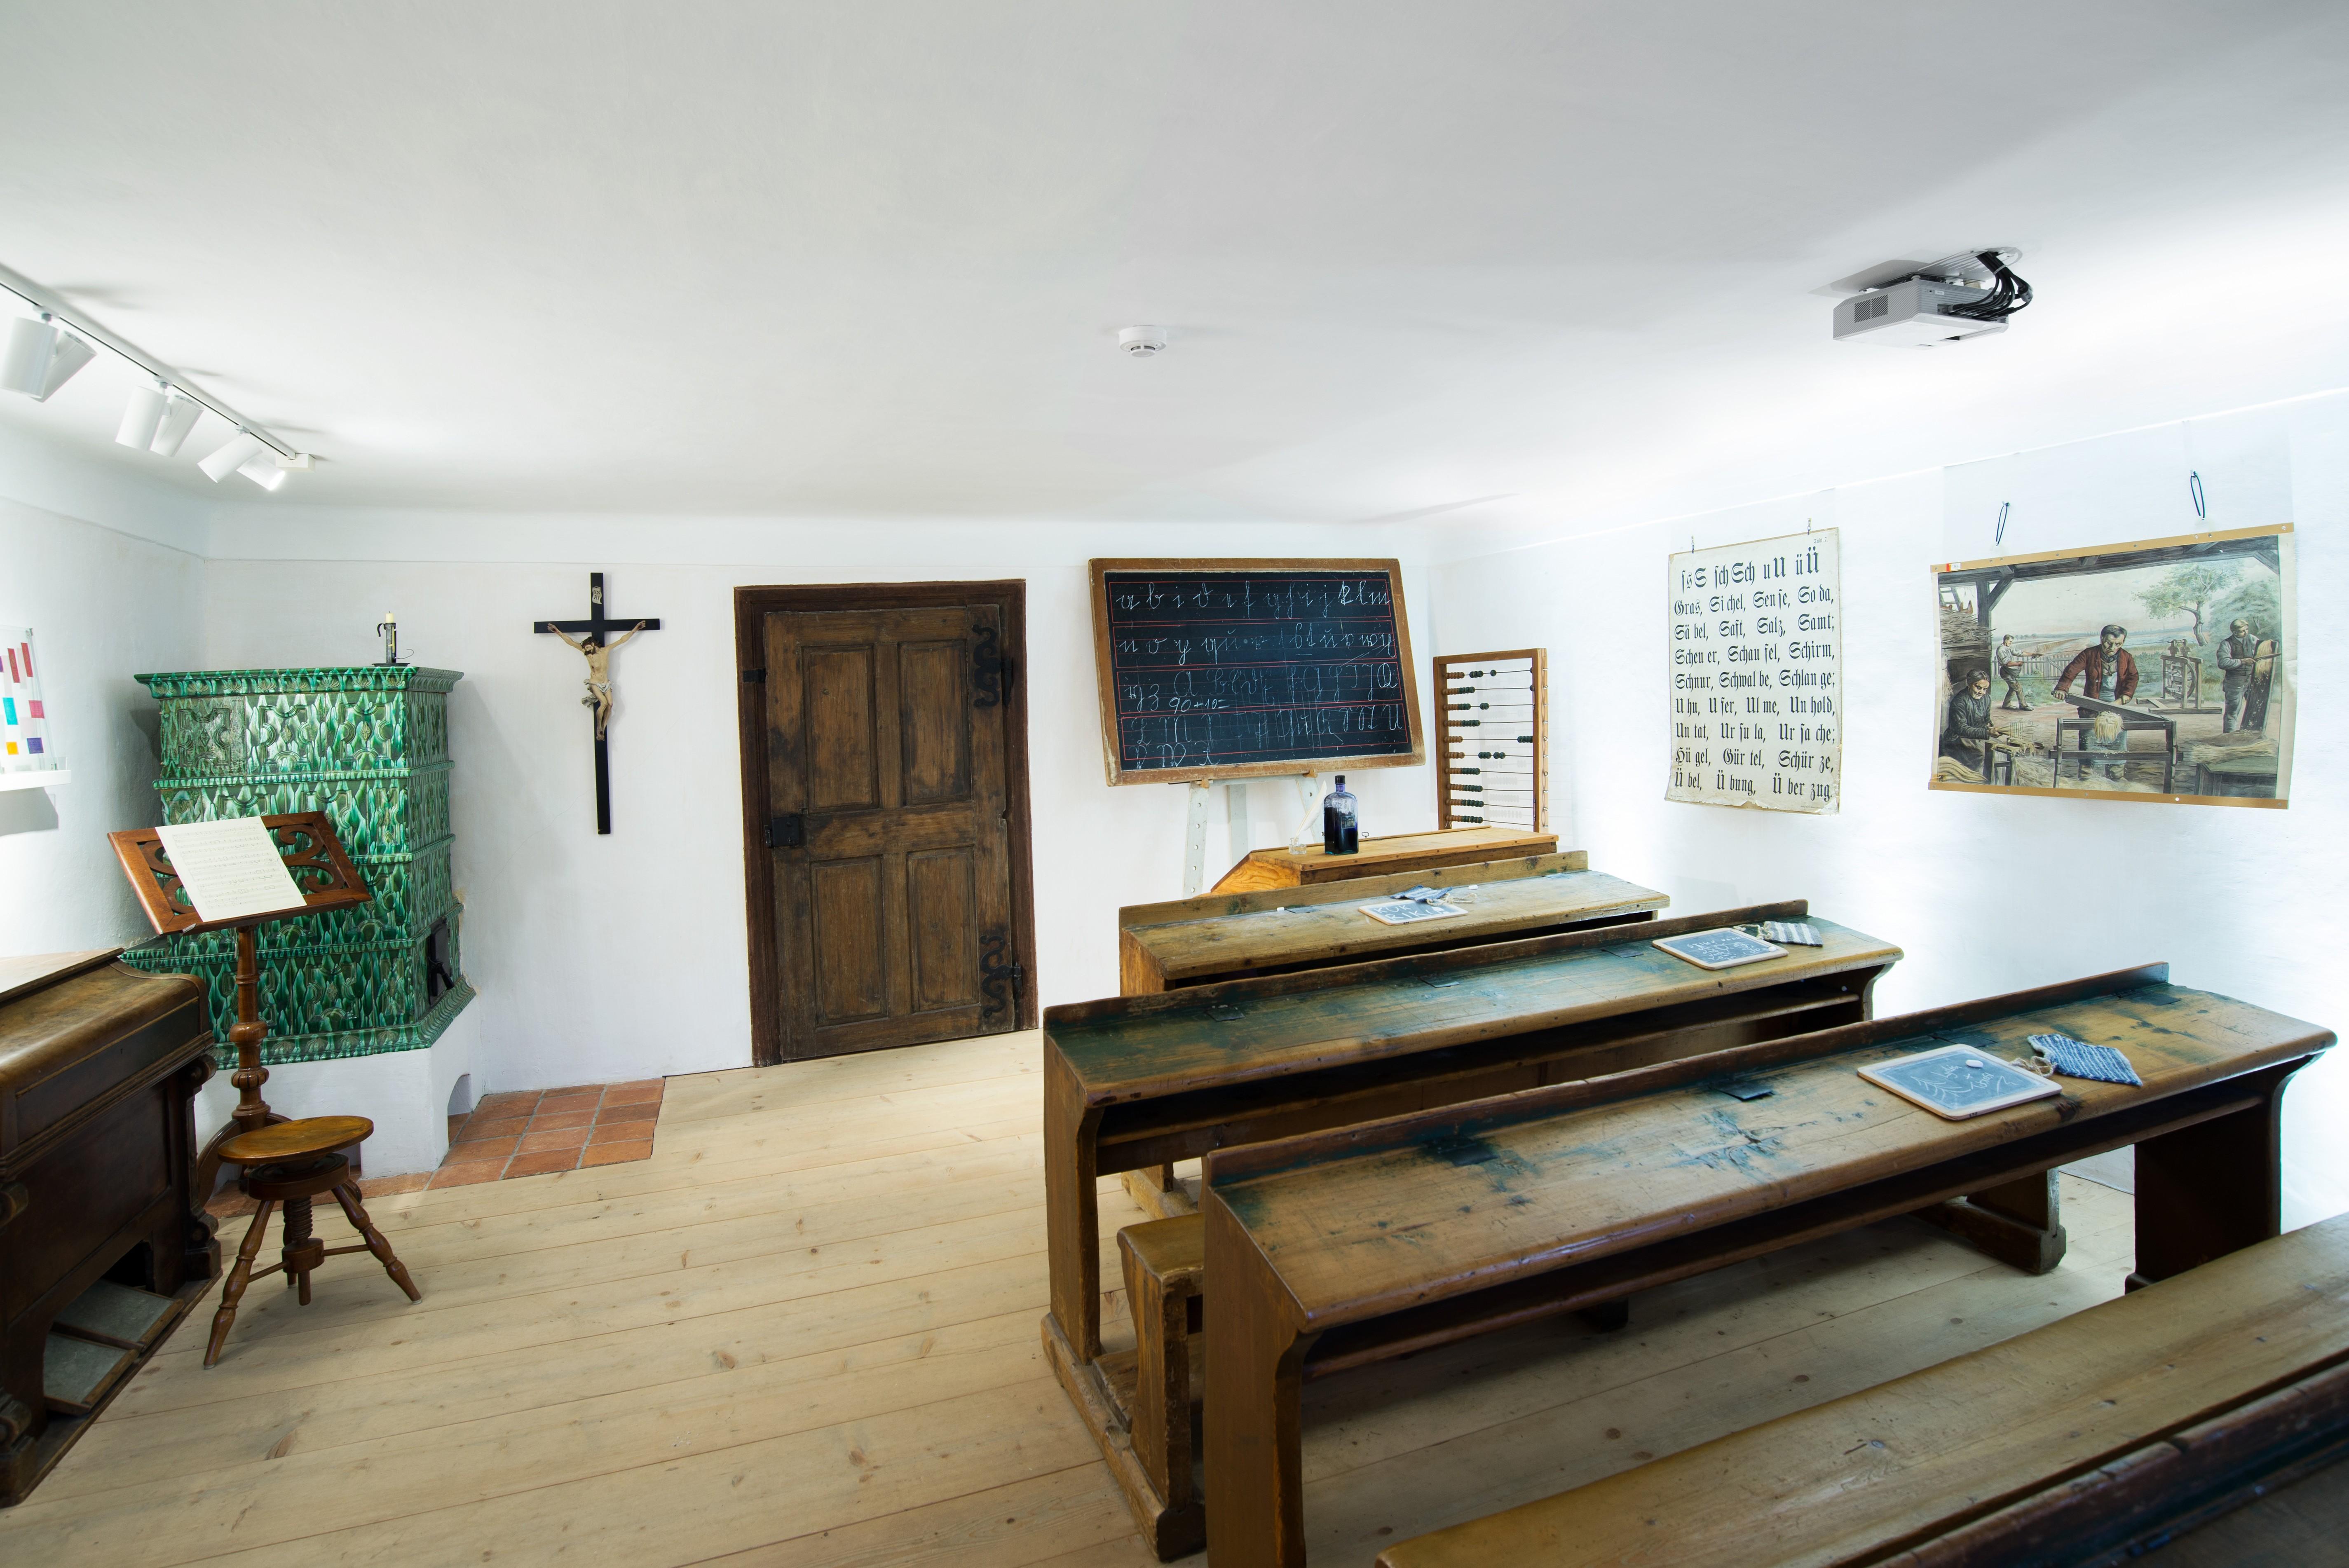 La vecchia aula scolastica nel museo di Arnsdorf, con i banchi di legno, la cattedra il grande crocifisso alla parete e la stufa di maiolica verde